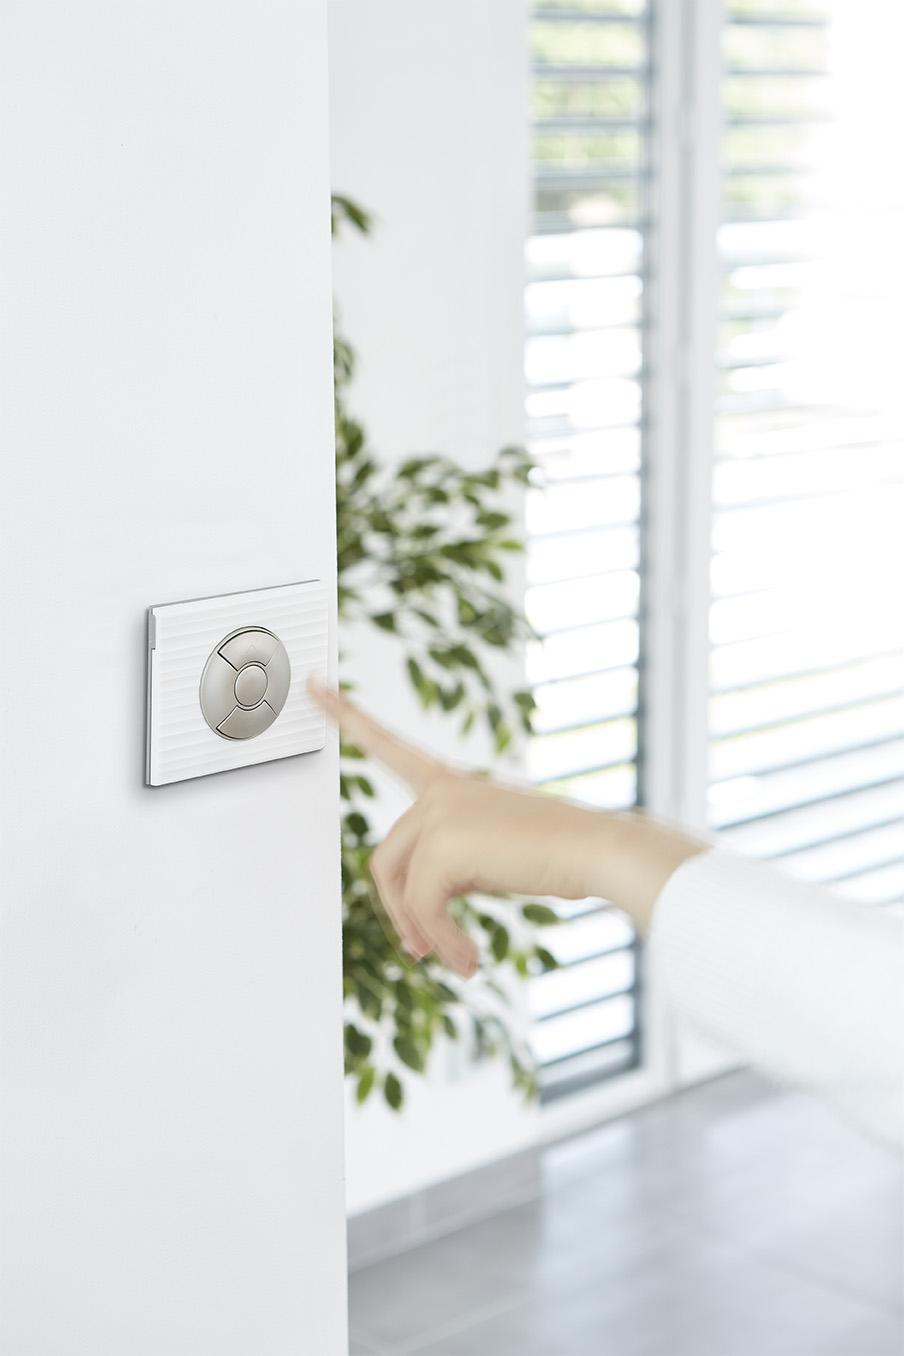 Interrupteurs et prises de courant design installés par votre électricien - entreprise générale d'électricité Cabléo Caen-Deauville installée à IFS